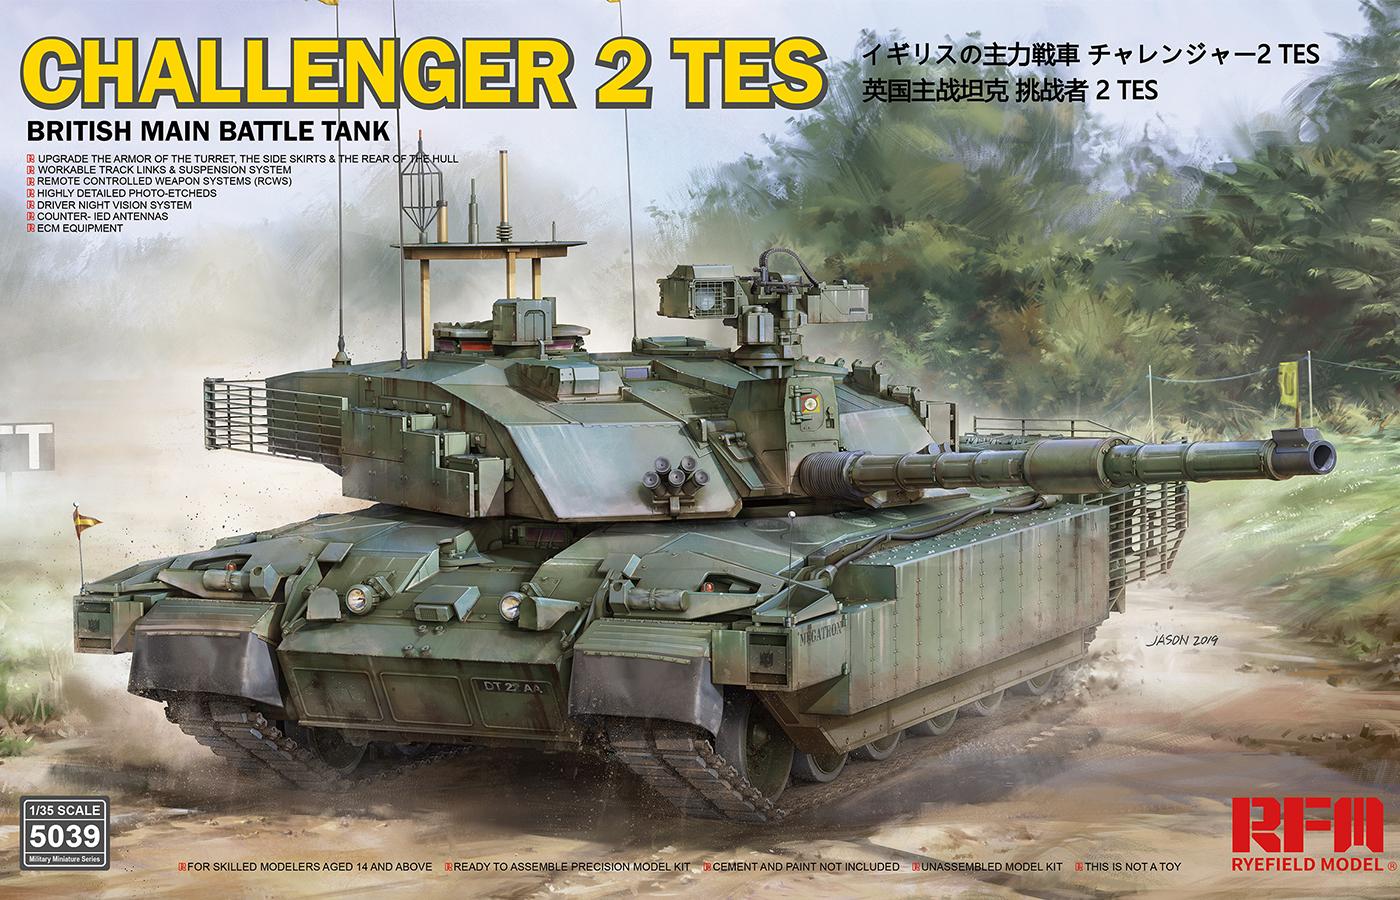 RM-5039 英国主战坦克 挑战者2 TES